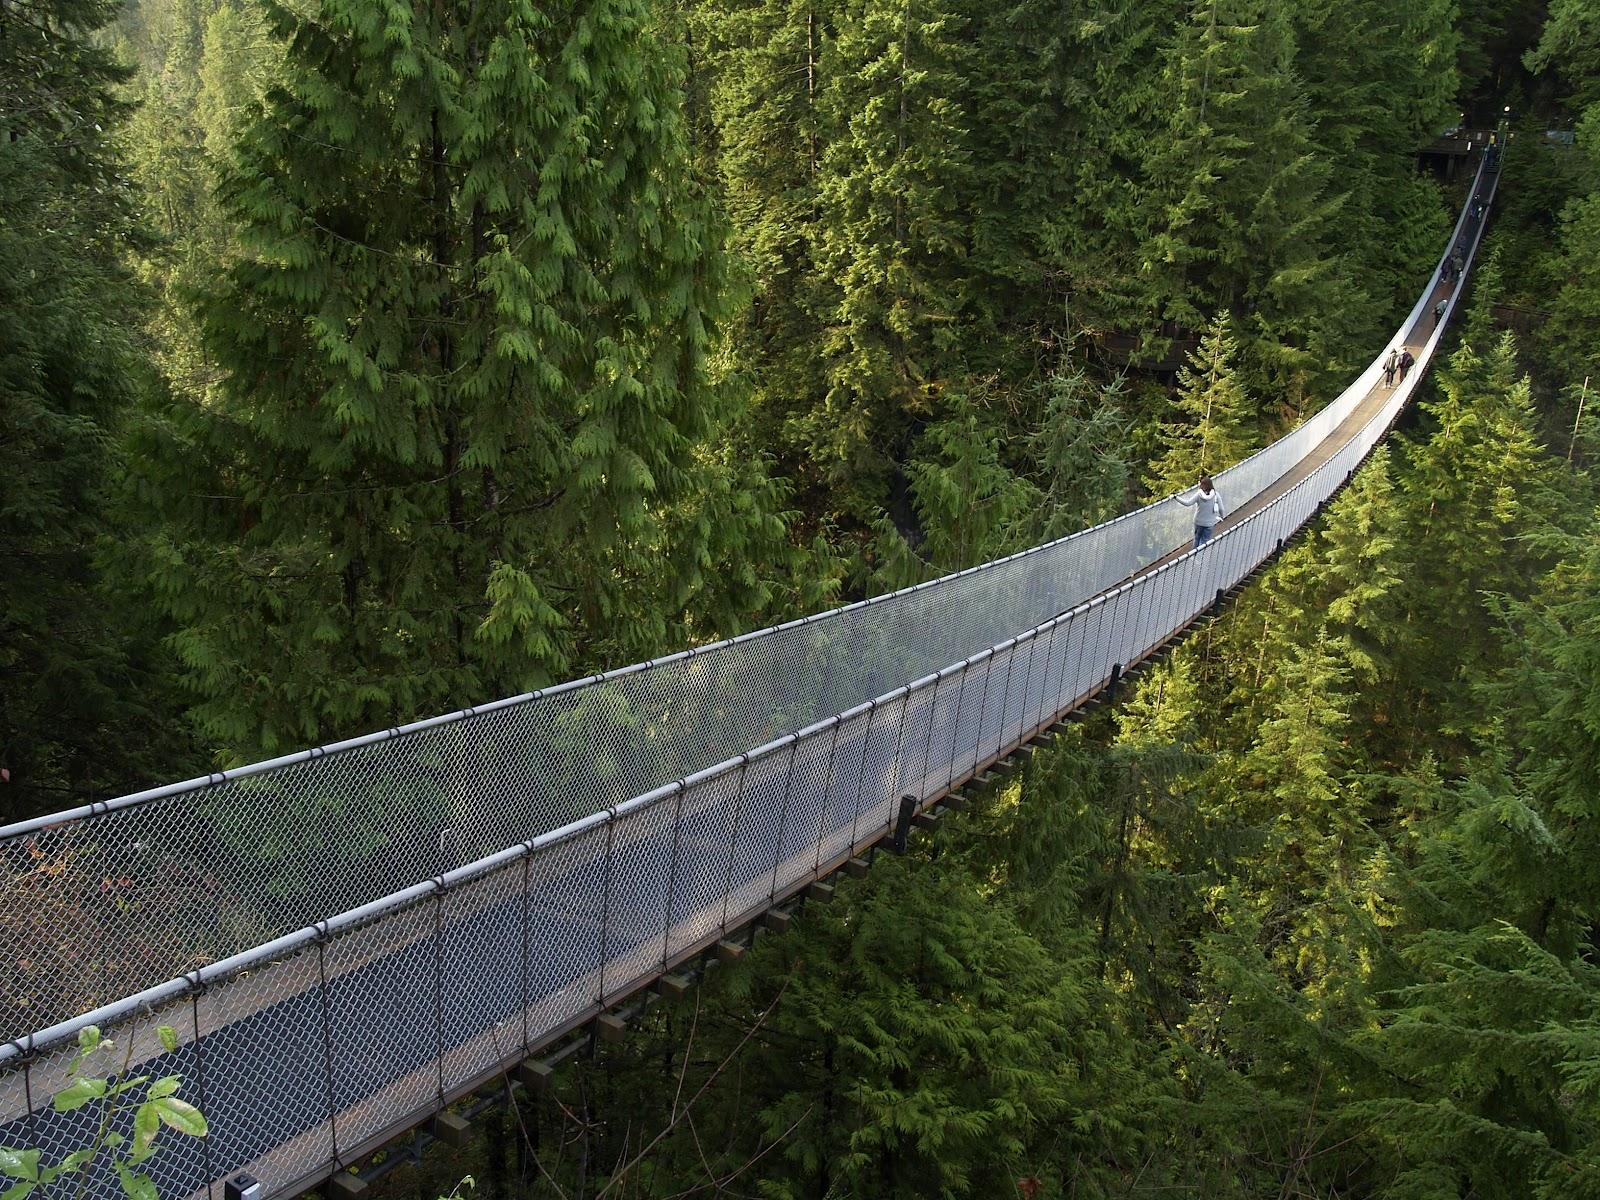 Interior Design Home Office Capilano Suspension Bridge British Columbia Canada